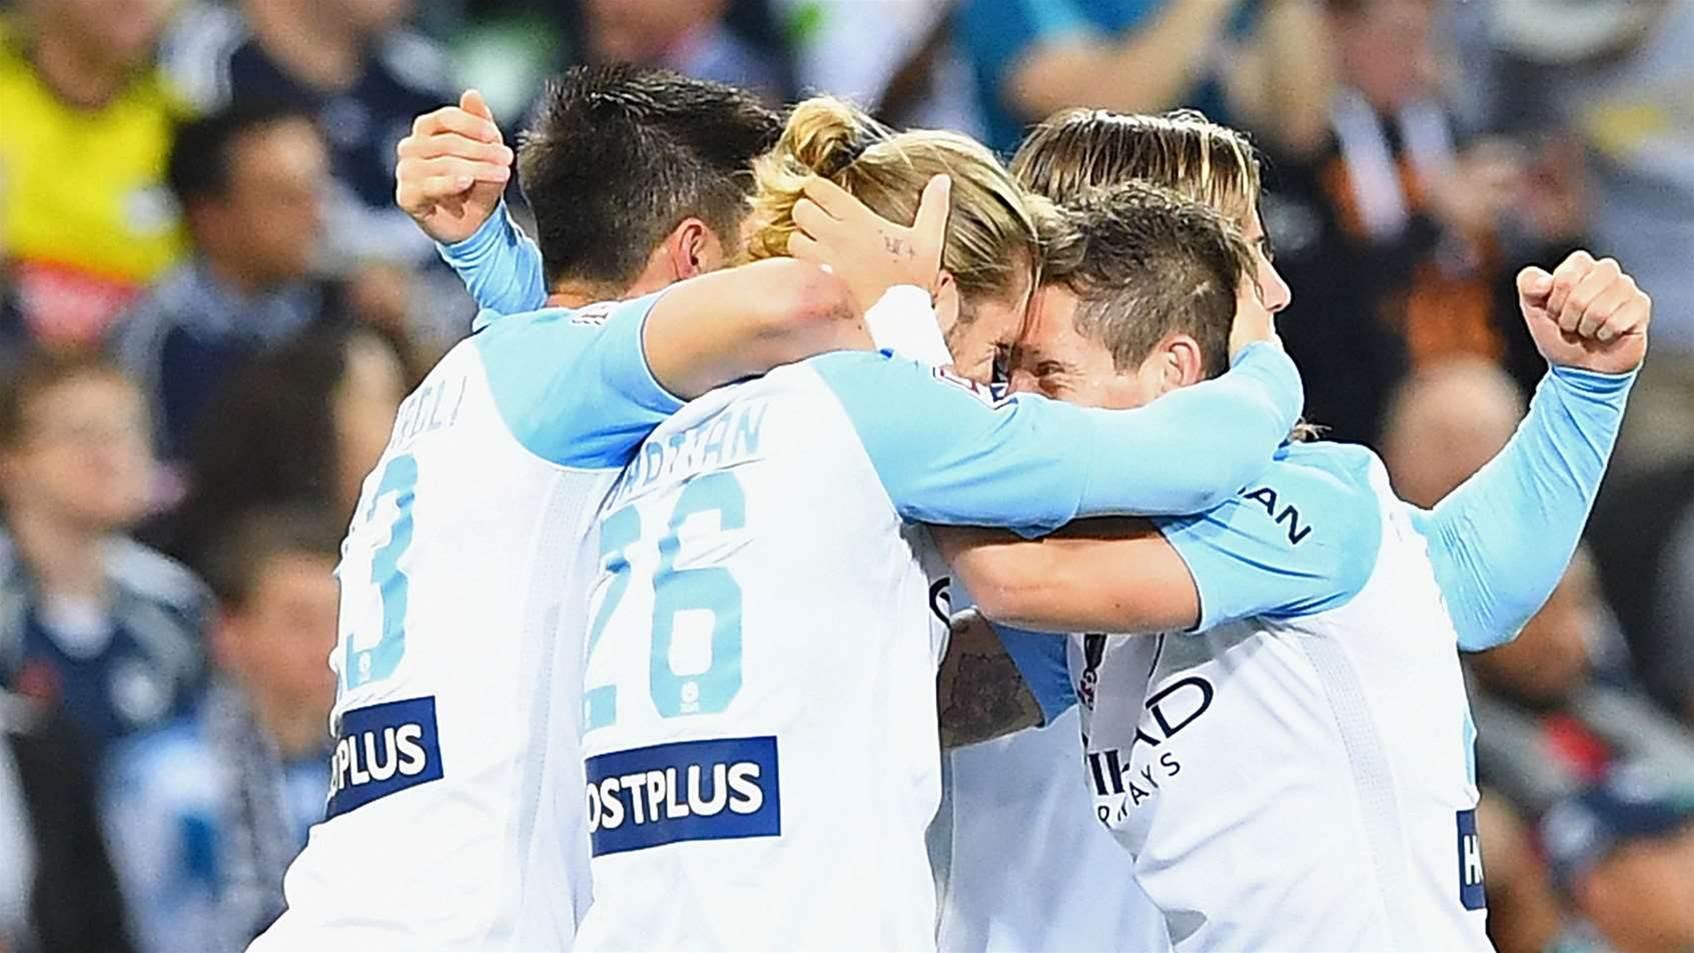 City seize victory to face Sydney